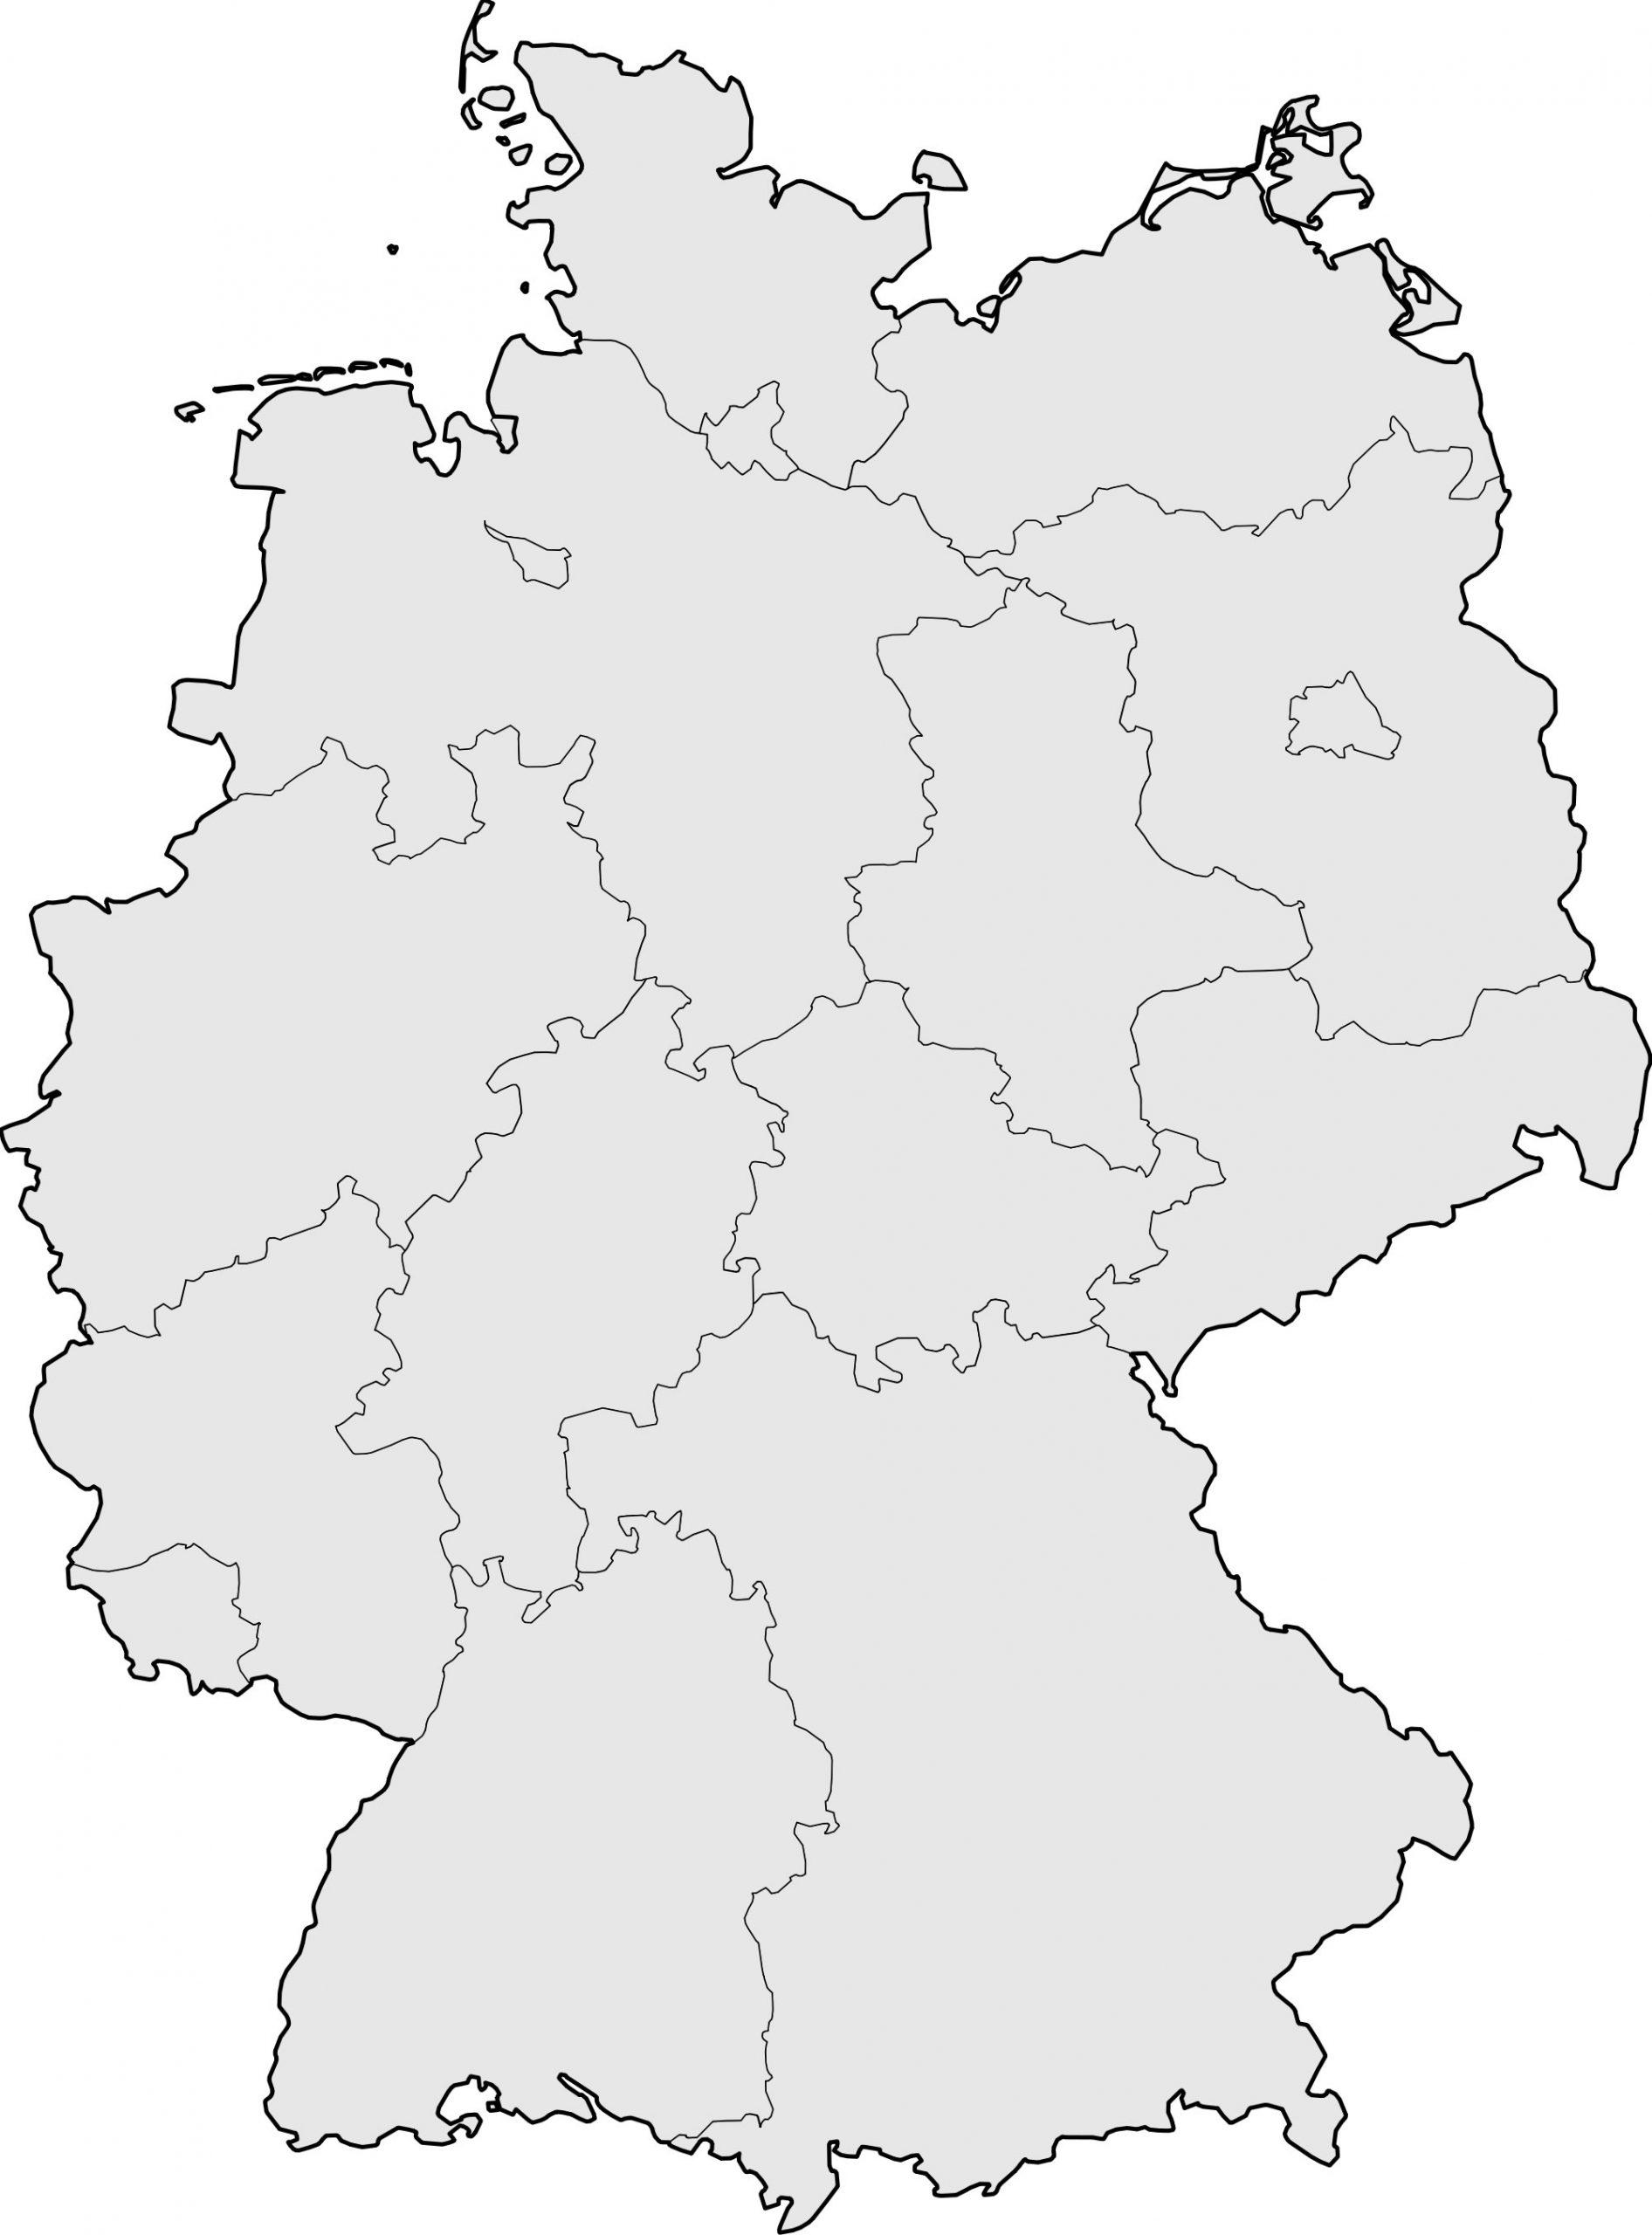 Carte Allemagne Vierge, Carte Vierge De L'allemagne pour Carte Des Régions De France Vierge